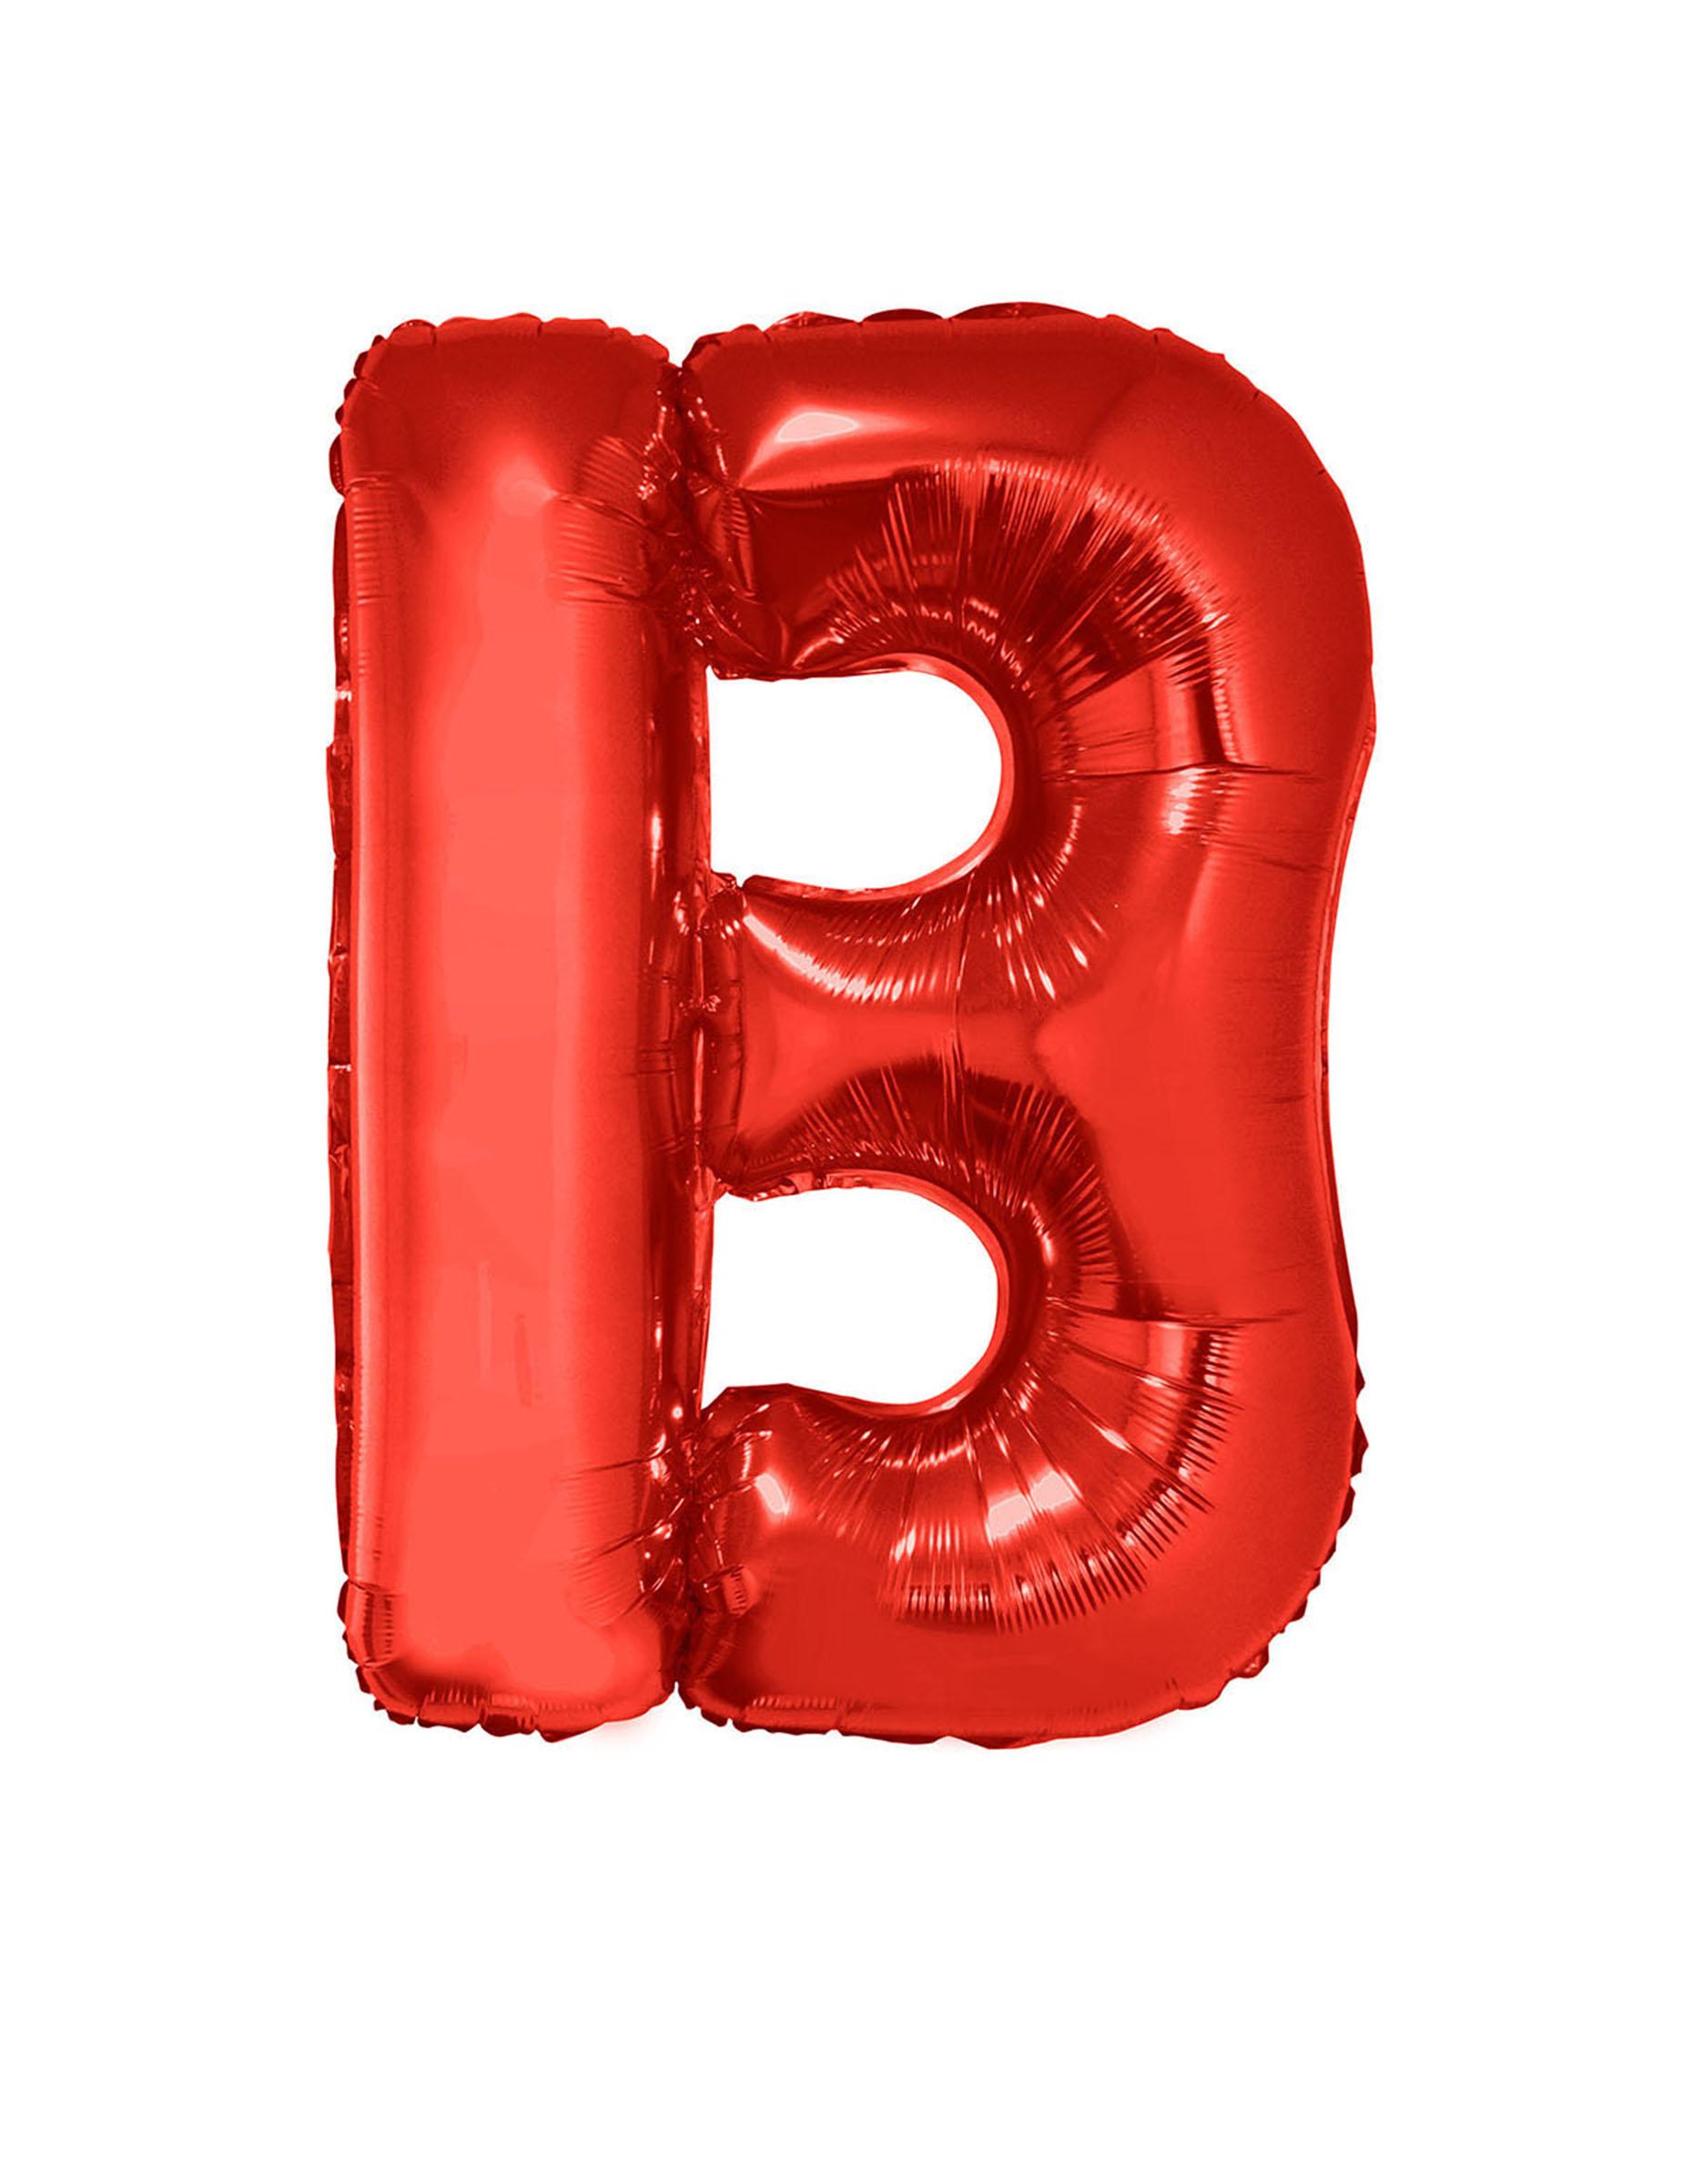 Ballon aluminium géant lettre B rouge 102 cm : Deguise-toi, achat de ...